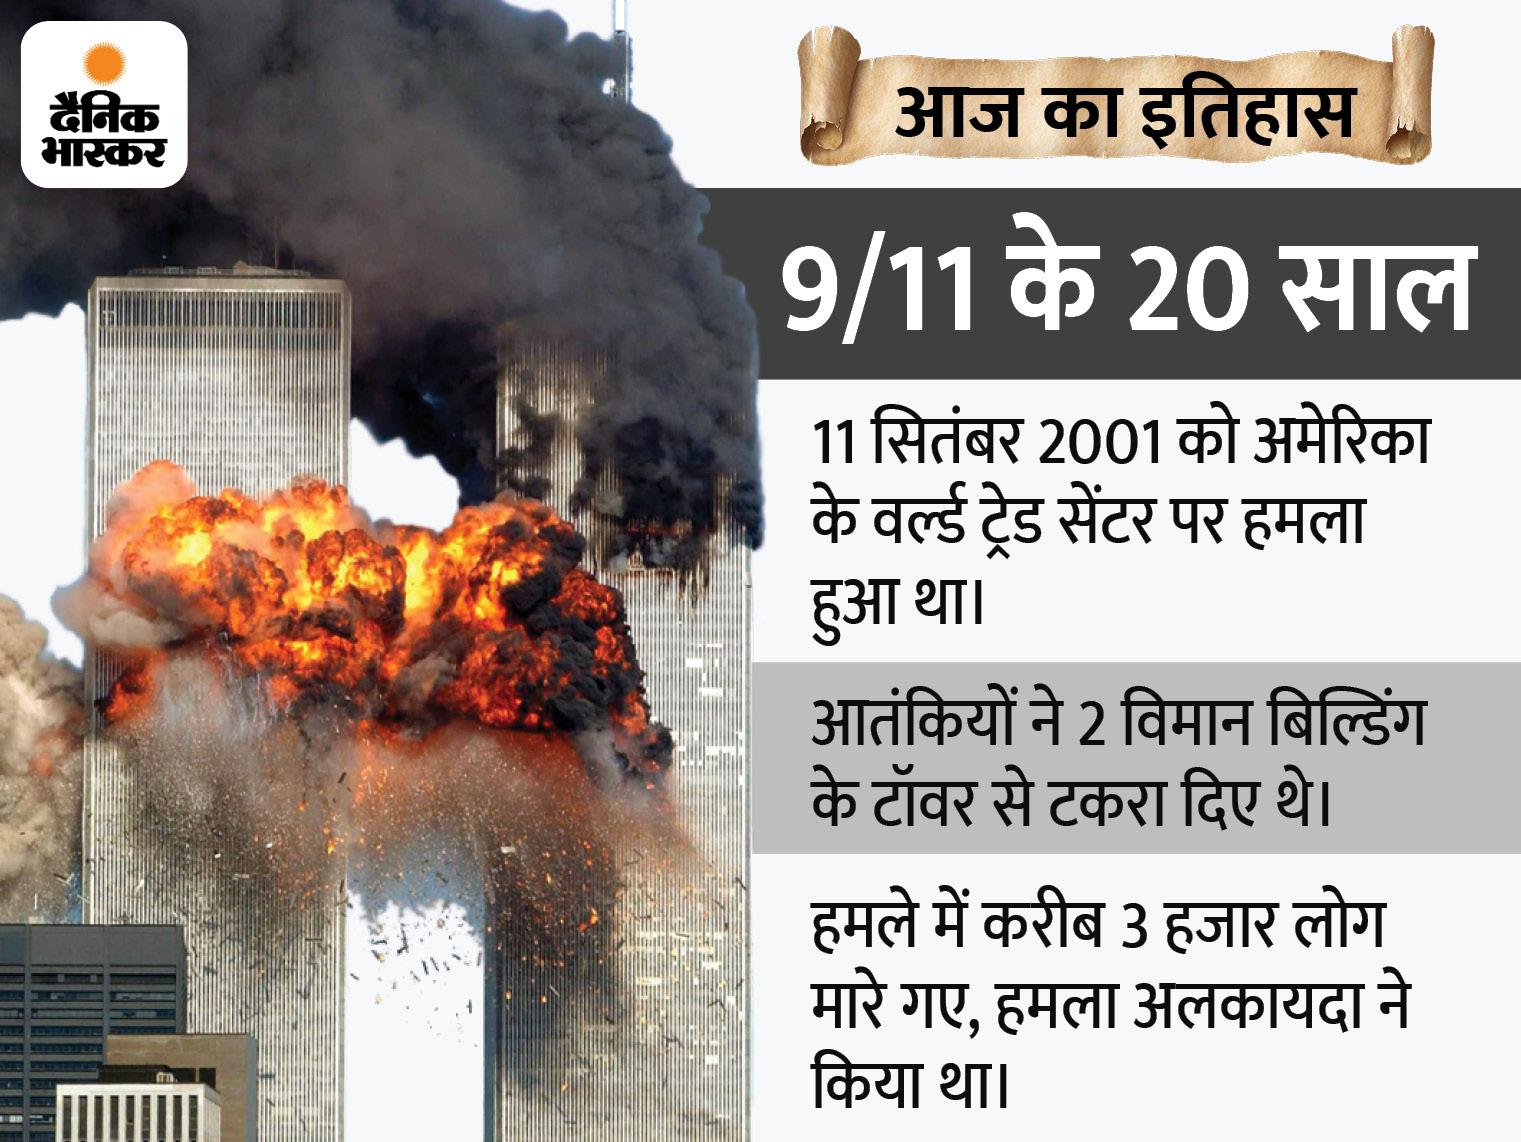 वर्ल्ड ट्रेड सेंटर से पहला विमान टकराया तो लोगों को लगा ये कोई हादसा है, 18 मिनट बाद दूसरा टकराया तब आतंकी हमले का पता चला|देश,National - Dainik Bhaskar